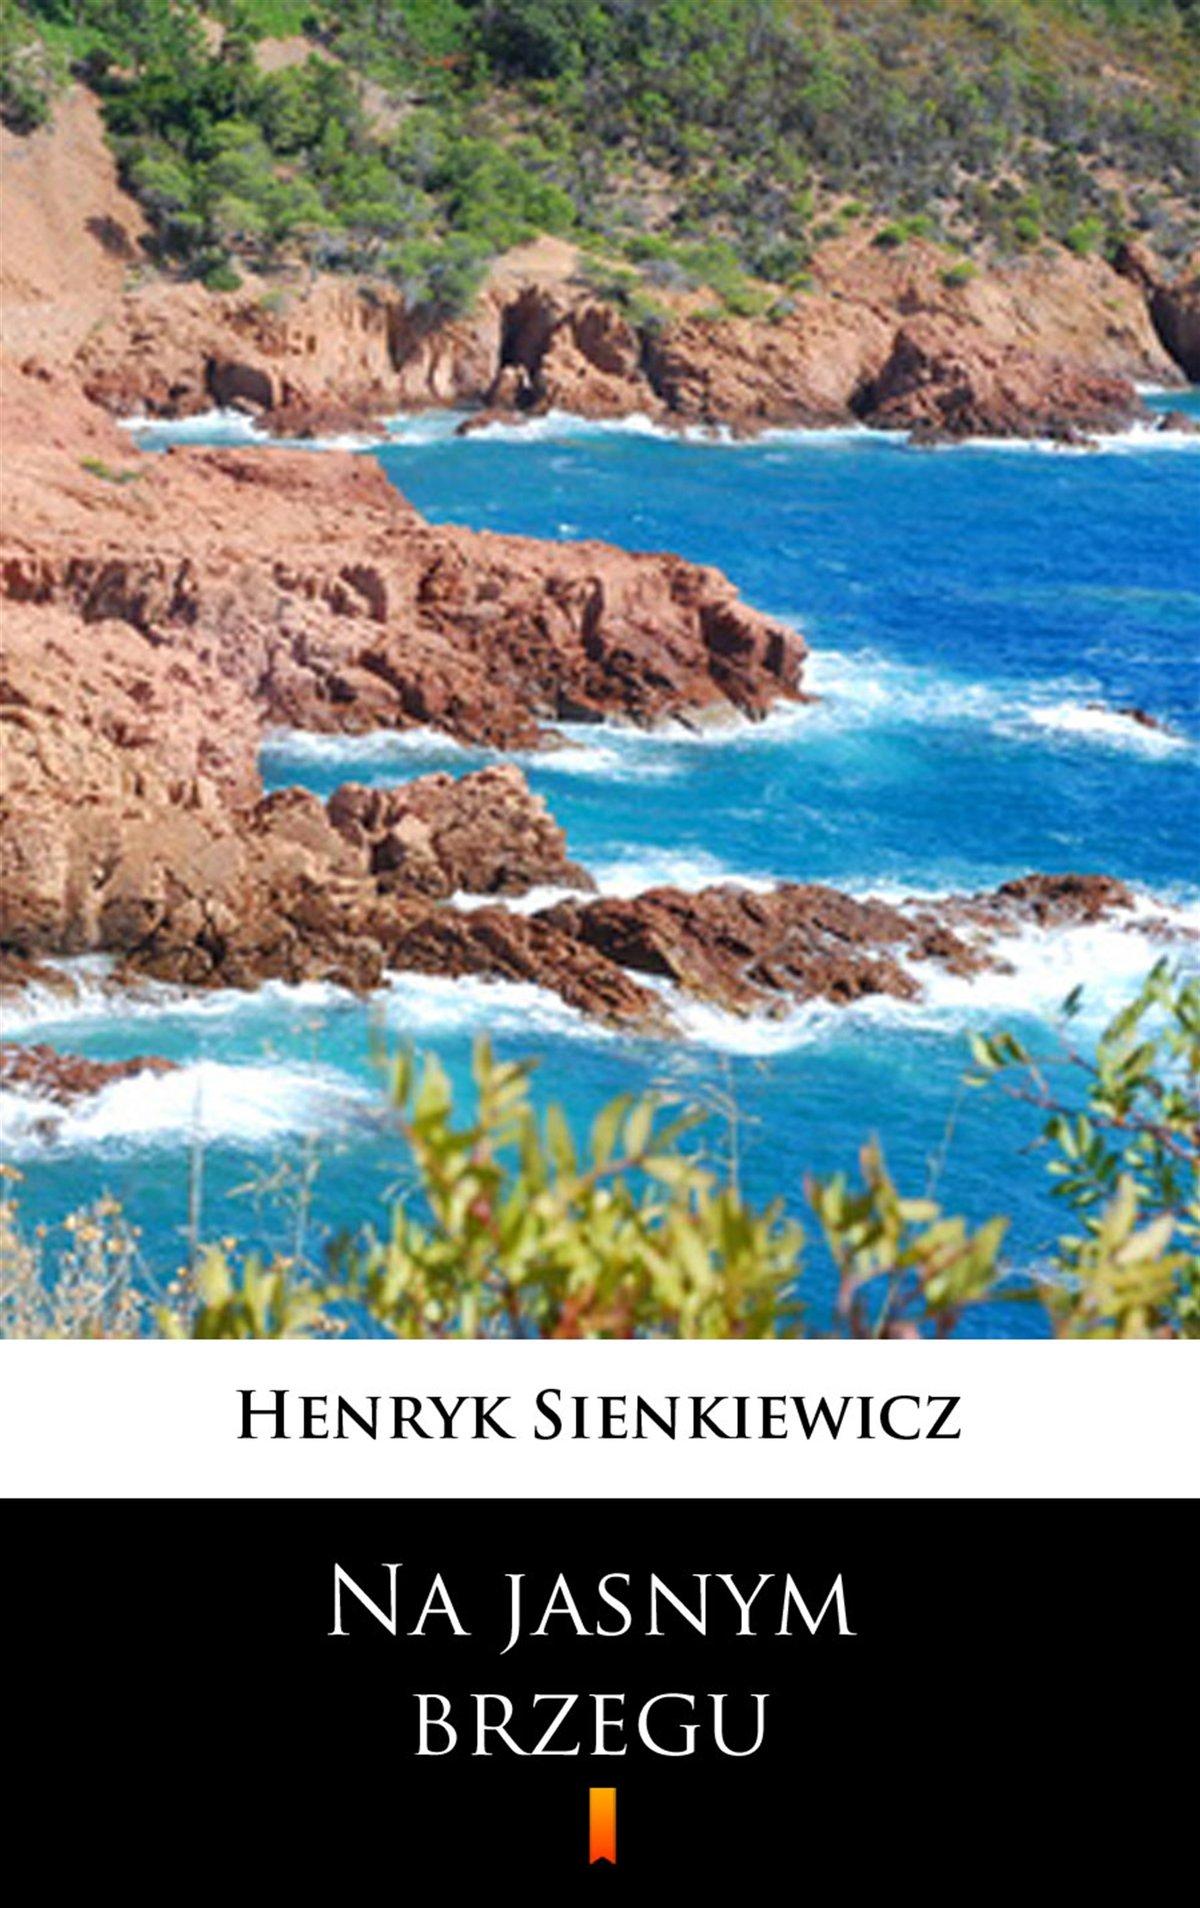 Na jasnym brzegu - Henryk Sienkiewicz